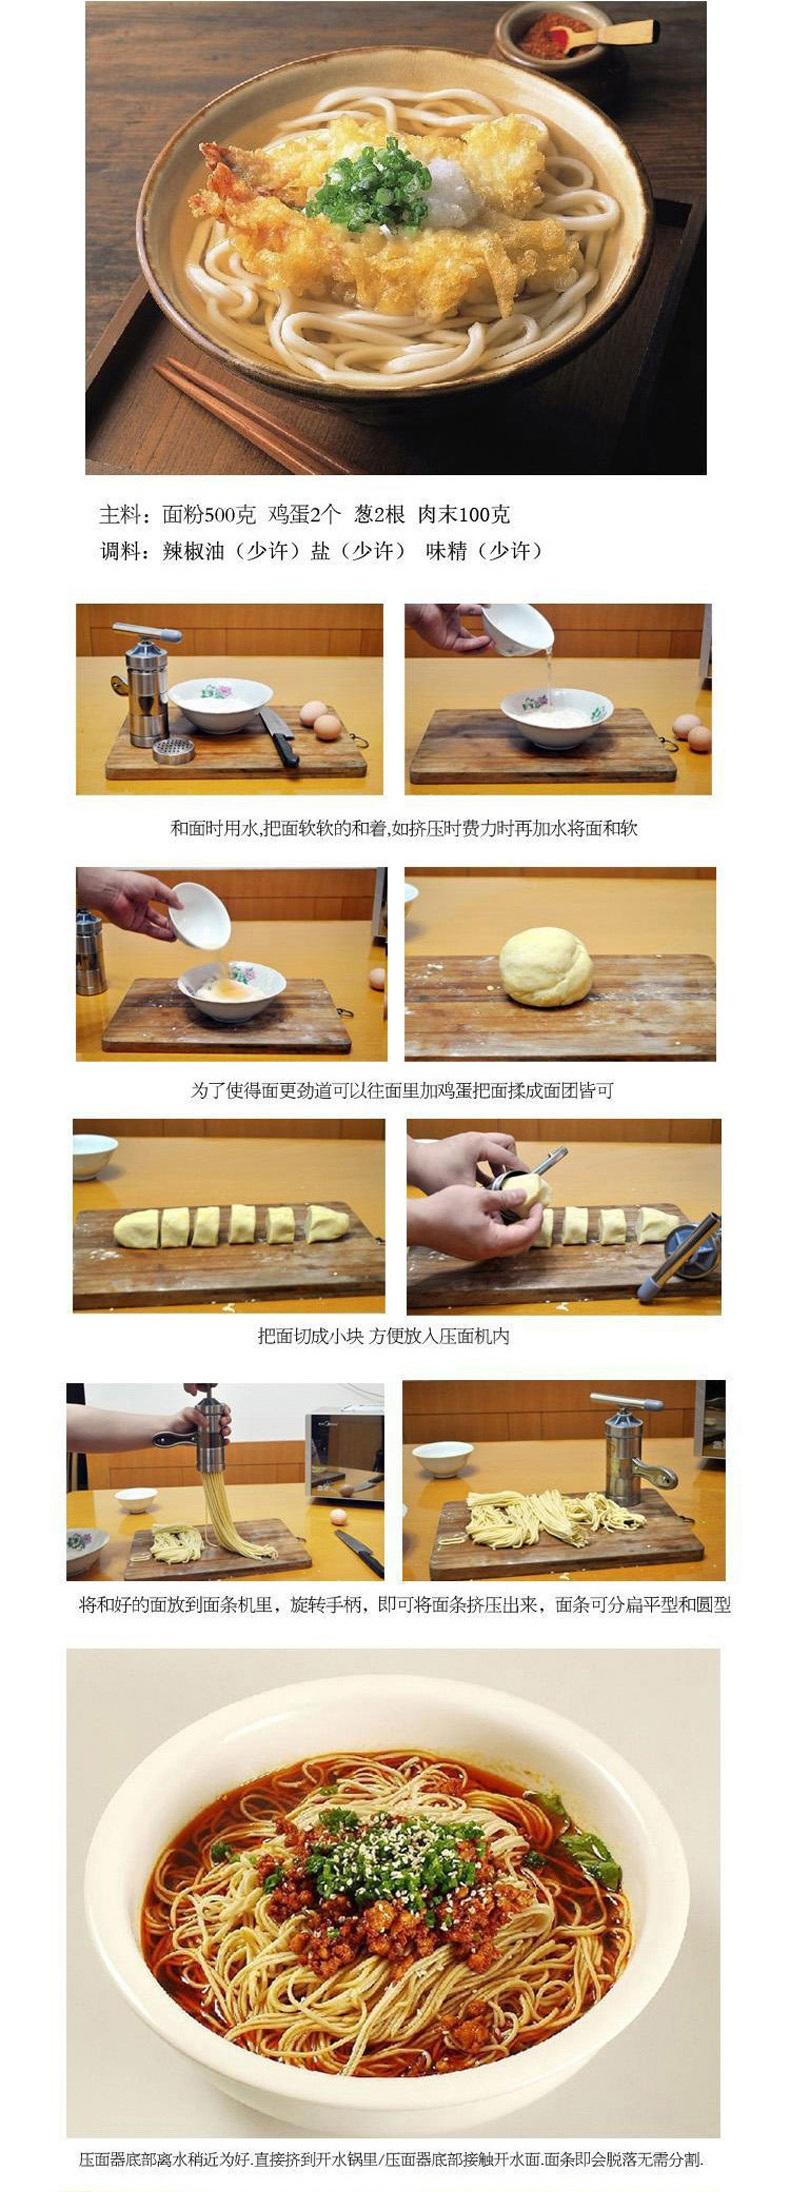 Dụng cụ làm bún ,mỳ, nui đa năng Tặng kèm 1 móc treo ổ cắm